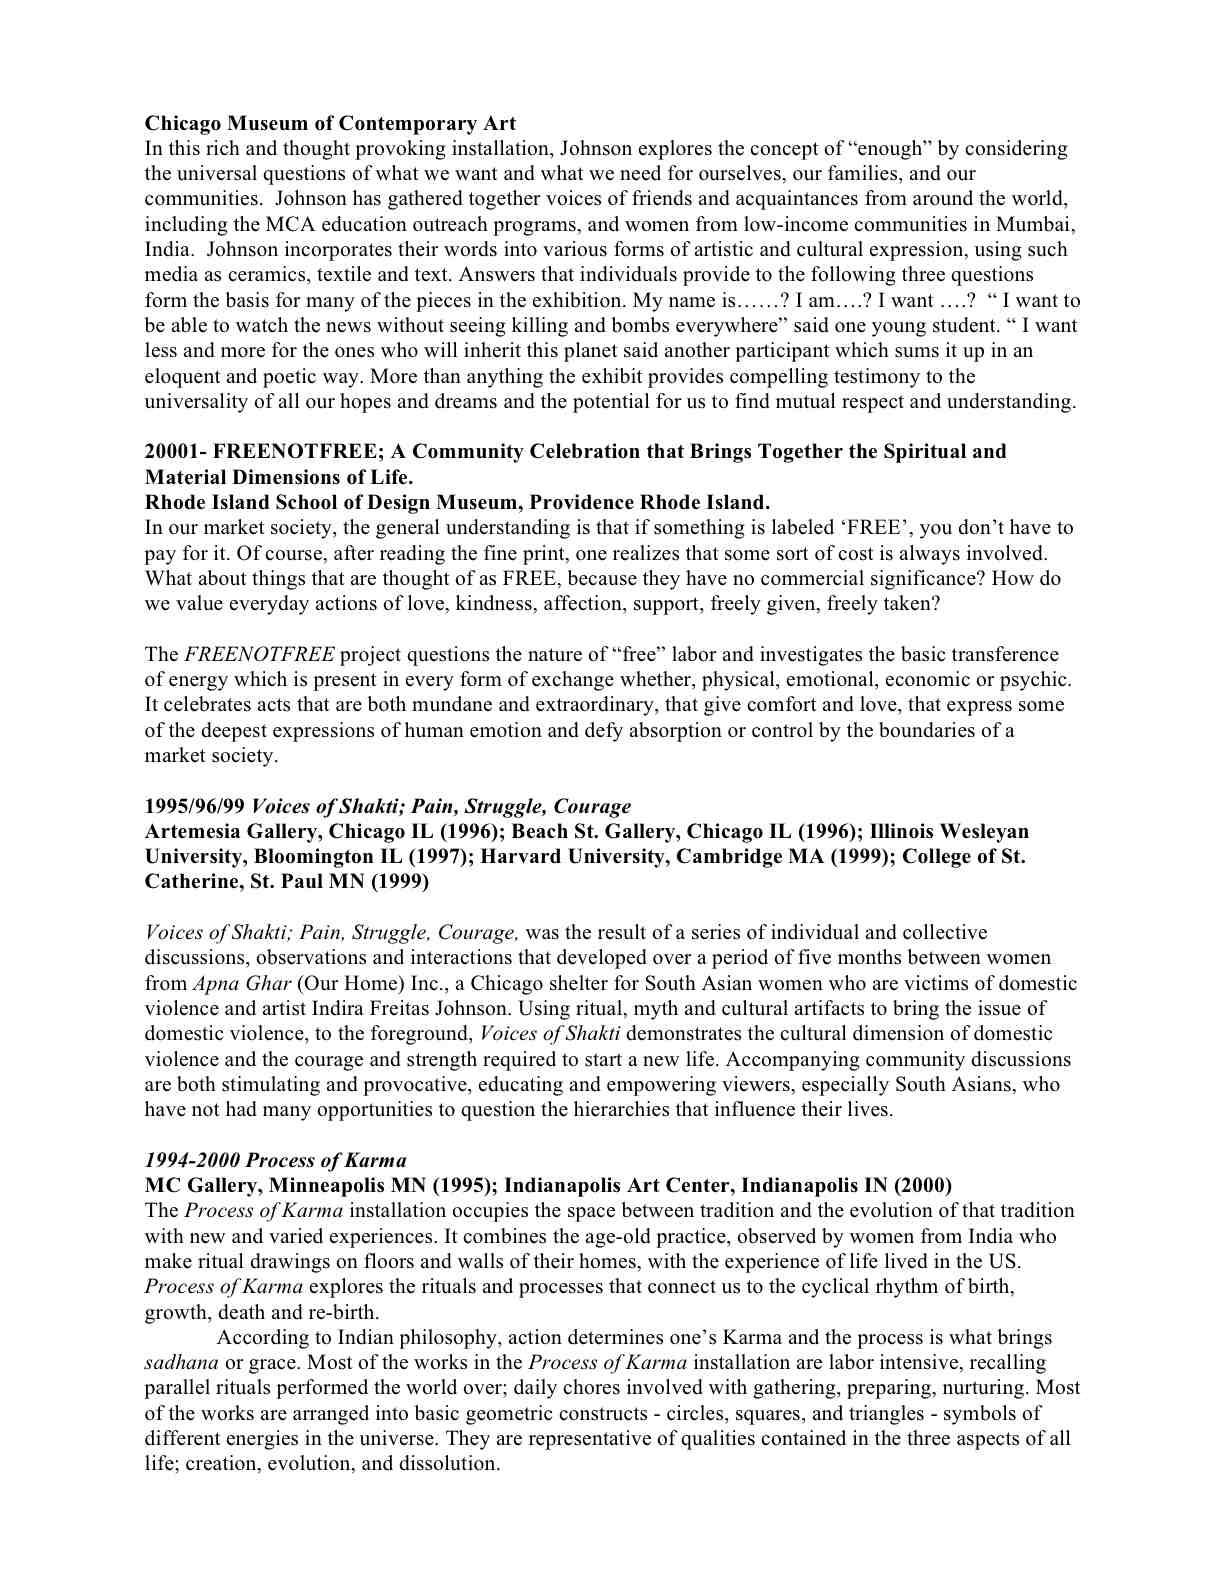 Indira Johnson's Resume 2010